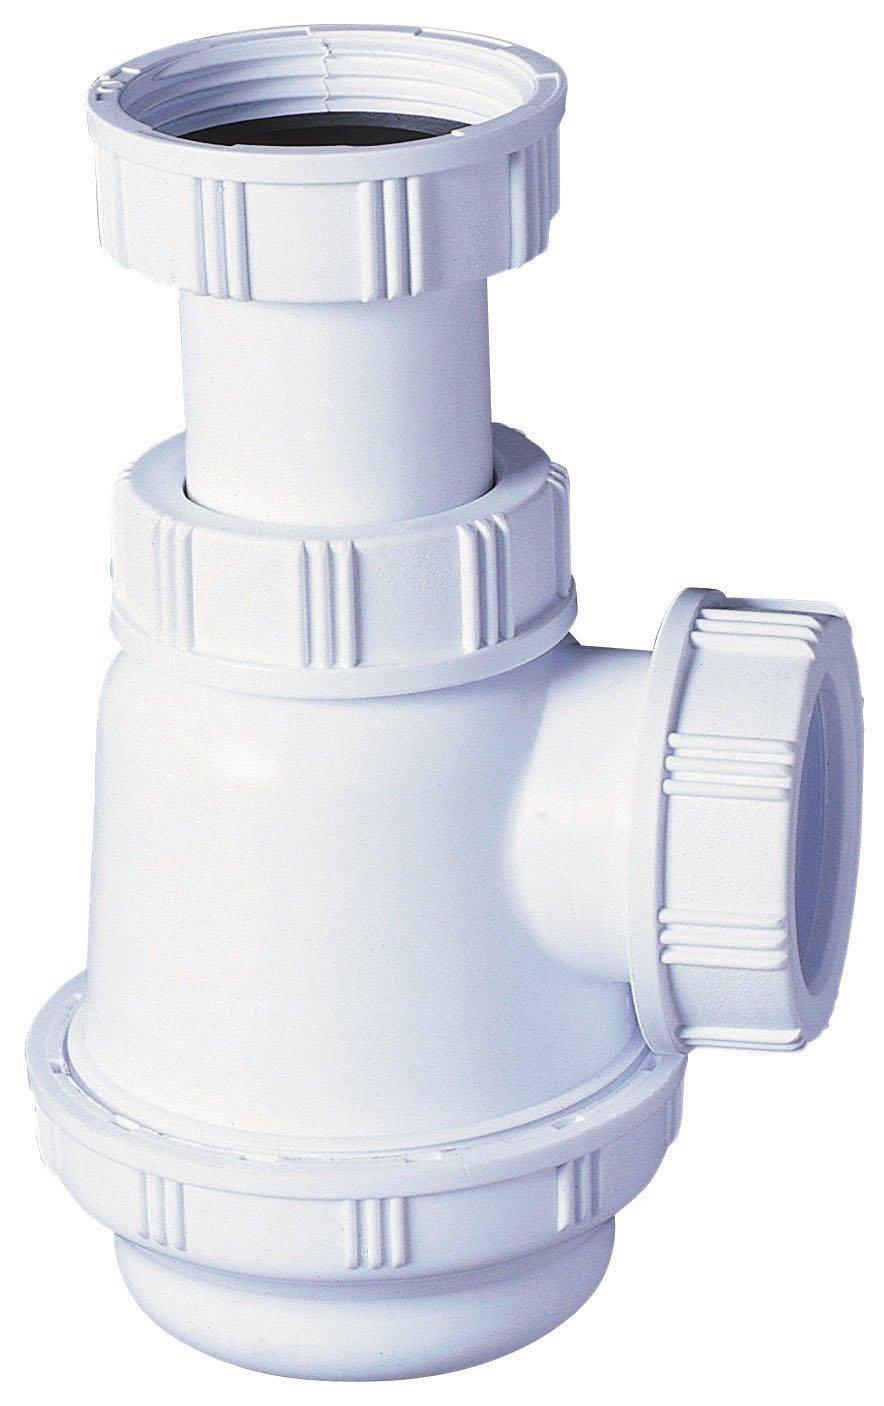 Wirquin SP3178 Sifon botella pequeno 1.1//4 di/ámetro 32mm